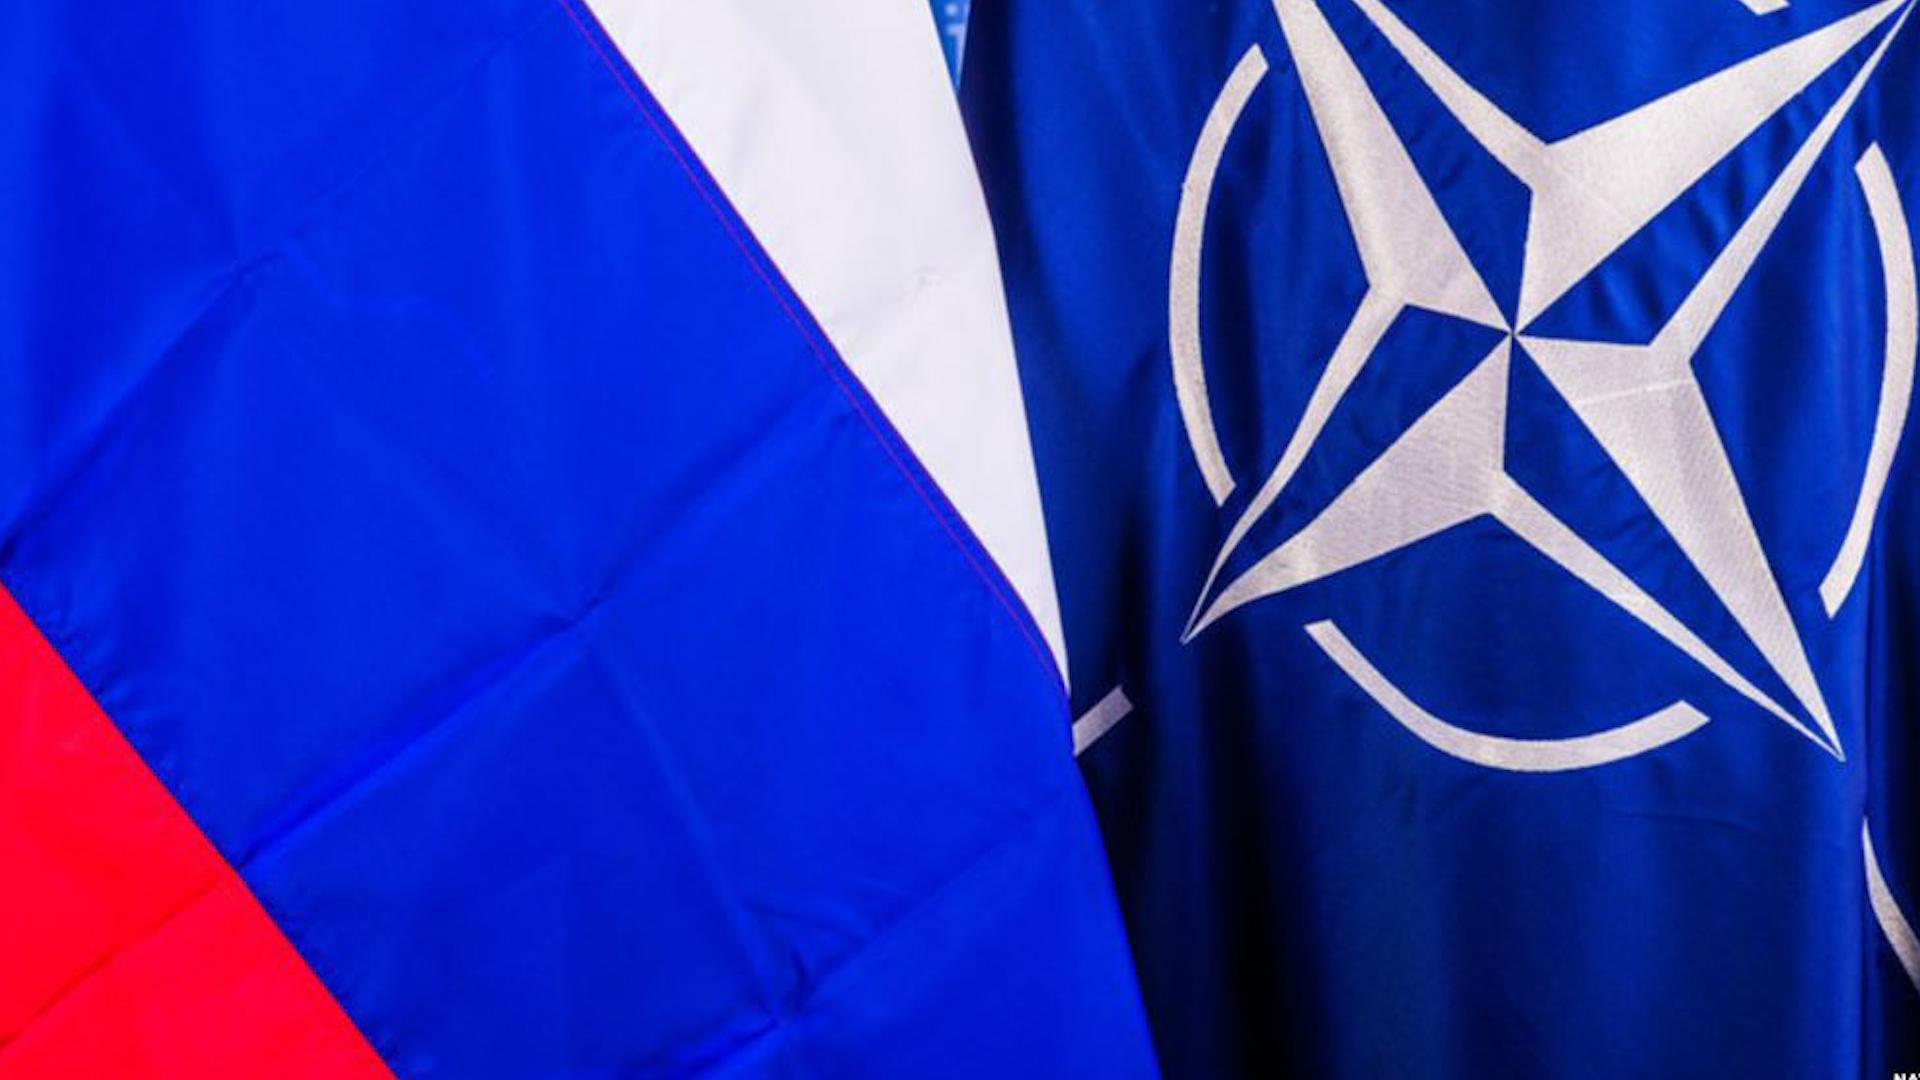 Photo of Sererkanê giştî yê Rûsya: NATO xwe ji şereke mezin re amade dike